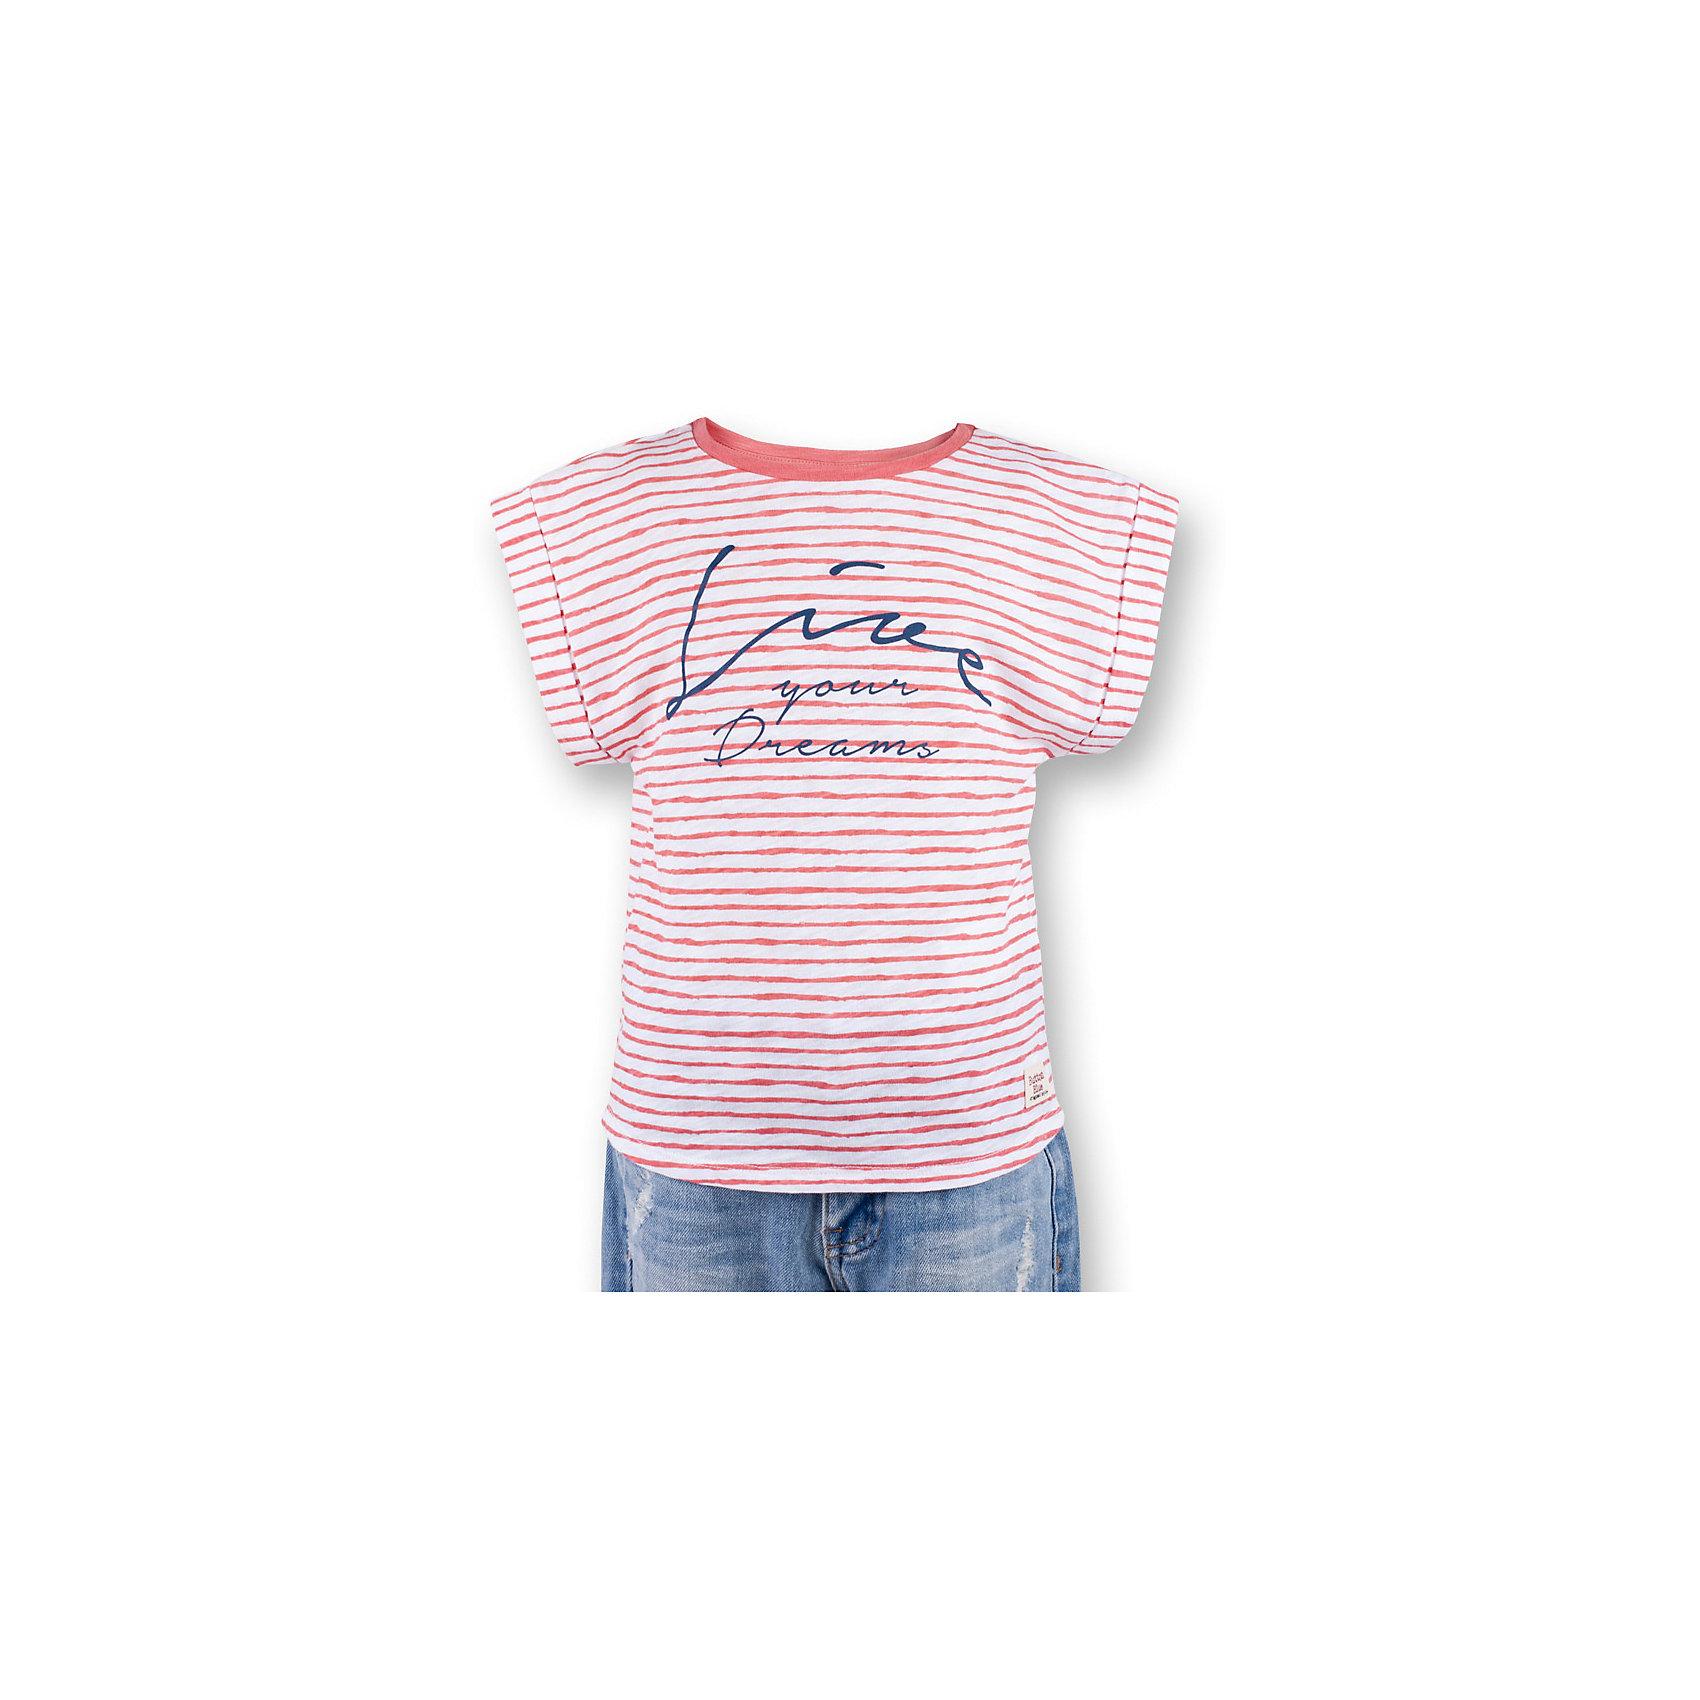 Футболка для девочки  BUTTON BLUEФутболки, поло и топы<br>Футболка для девочки  BUTTON BLUE<br>Полосатая футболка - не только базовая вещь в гардеробе ребенка, но и залог хорошего летнего настроения! Если вы решили купить футболку для девочки, выберете модель футболки в полоску с оригинальным принтом, и ваш ребенок будет доволен! Низкая цена не окажет влияния на бюджет семьи, позволив создать яркий базовый гардероб для долгожданных каникул!<br>Состав:<br>100%  хлопок<br><br>Ширина мм: 199<br>Глубина мм: 10<br>Высота мм: 161<br>Вес г: 151<br>Цвет: розовый<br>Возраст от месяцев: 24<br>Возраст до месяцев: 36<br>Пол: Женский<br>Возраст: Детский<br>Размер: 98,158,104,110,116,122,128,134,140,146,152<br>SKU: 5524944